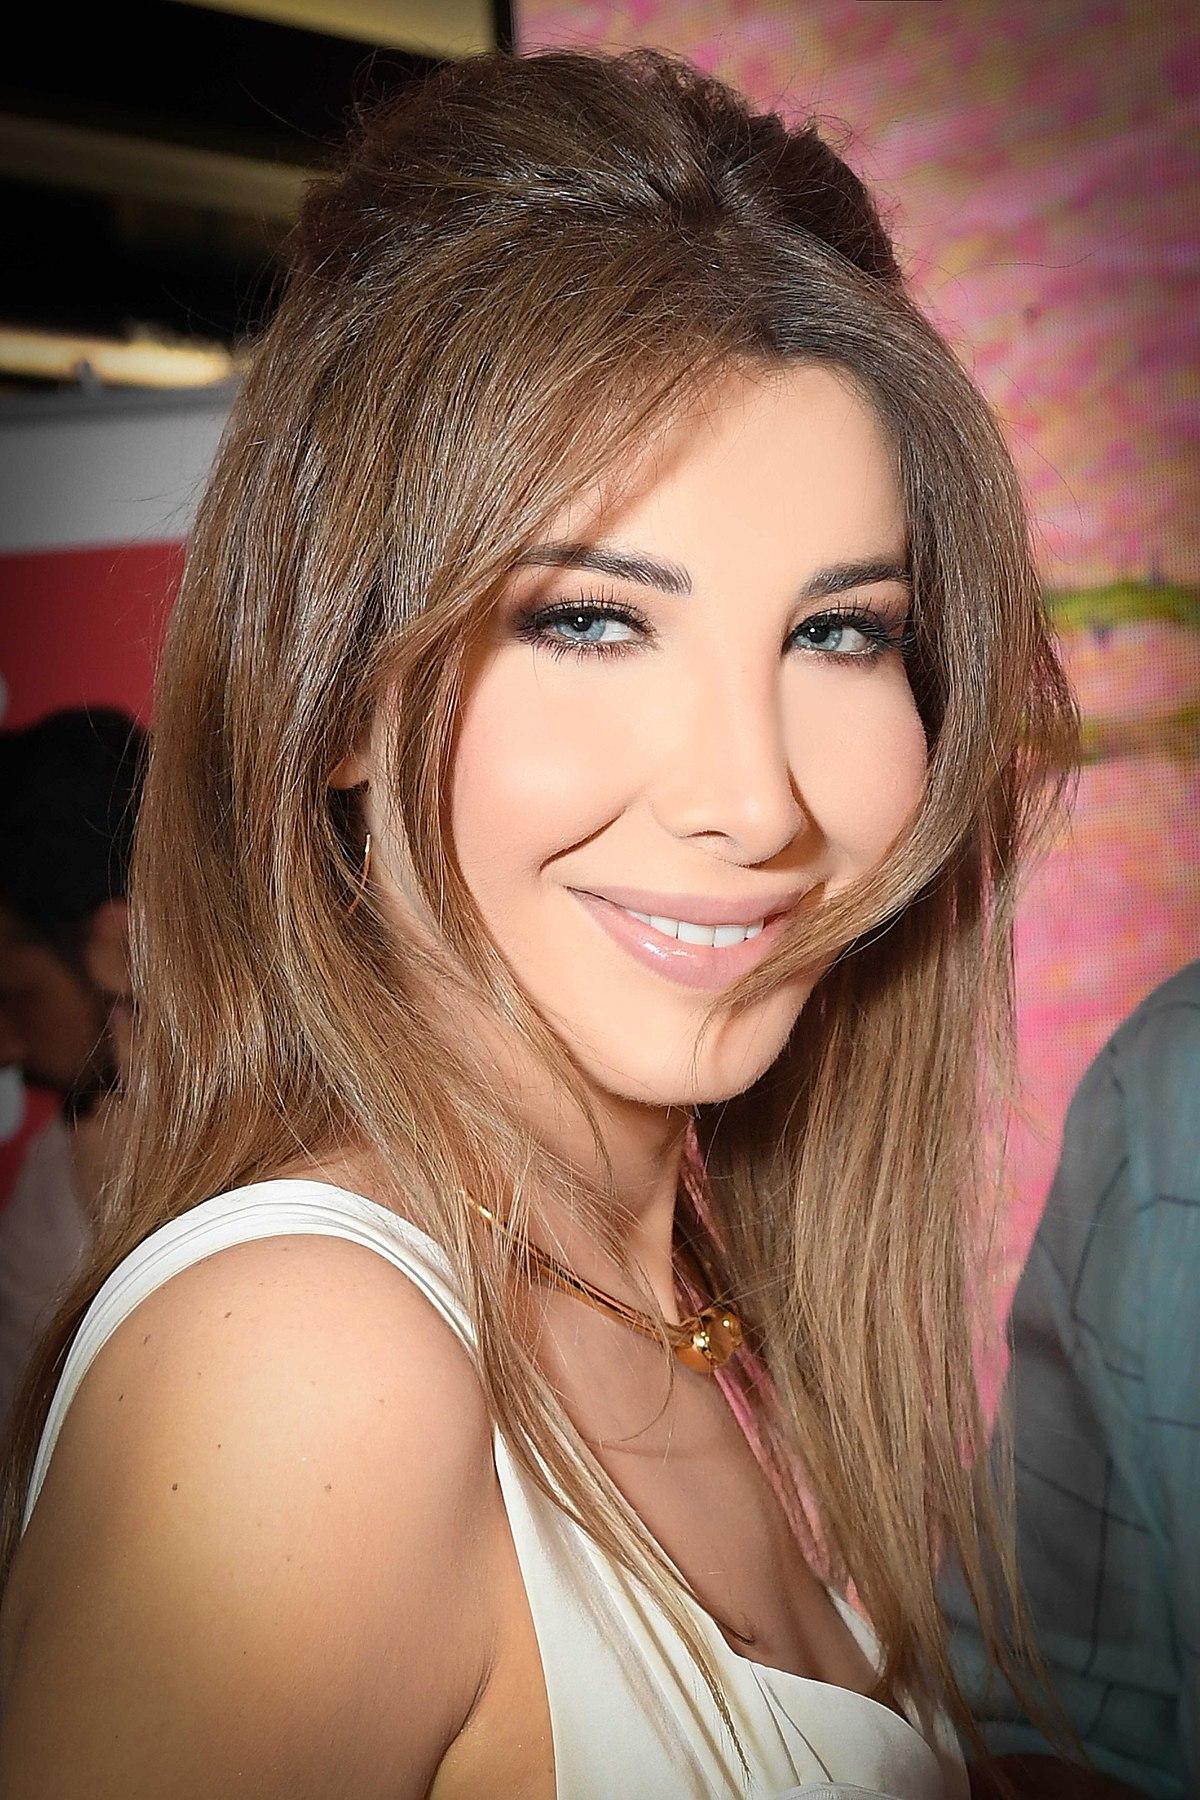 بالصور بنات لبنانية , تعرف علي الجمال اللبناني 3417 9